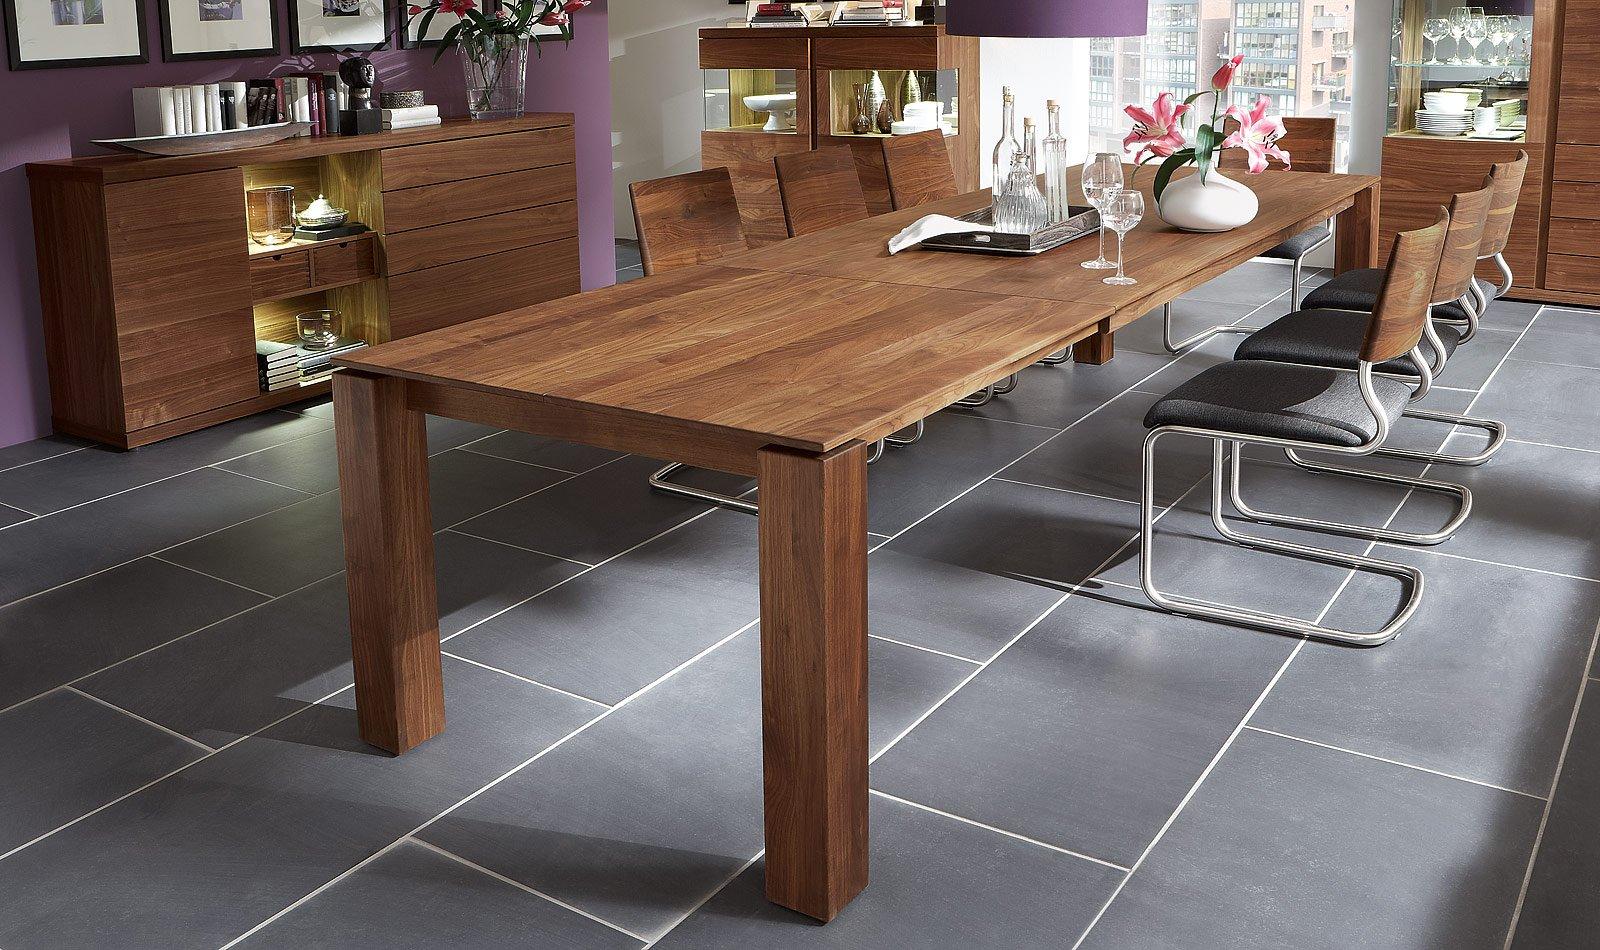 Stuhl Esszimmer Design ist beste ideen für ihr wohnideen